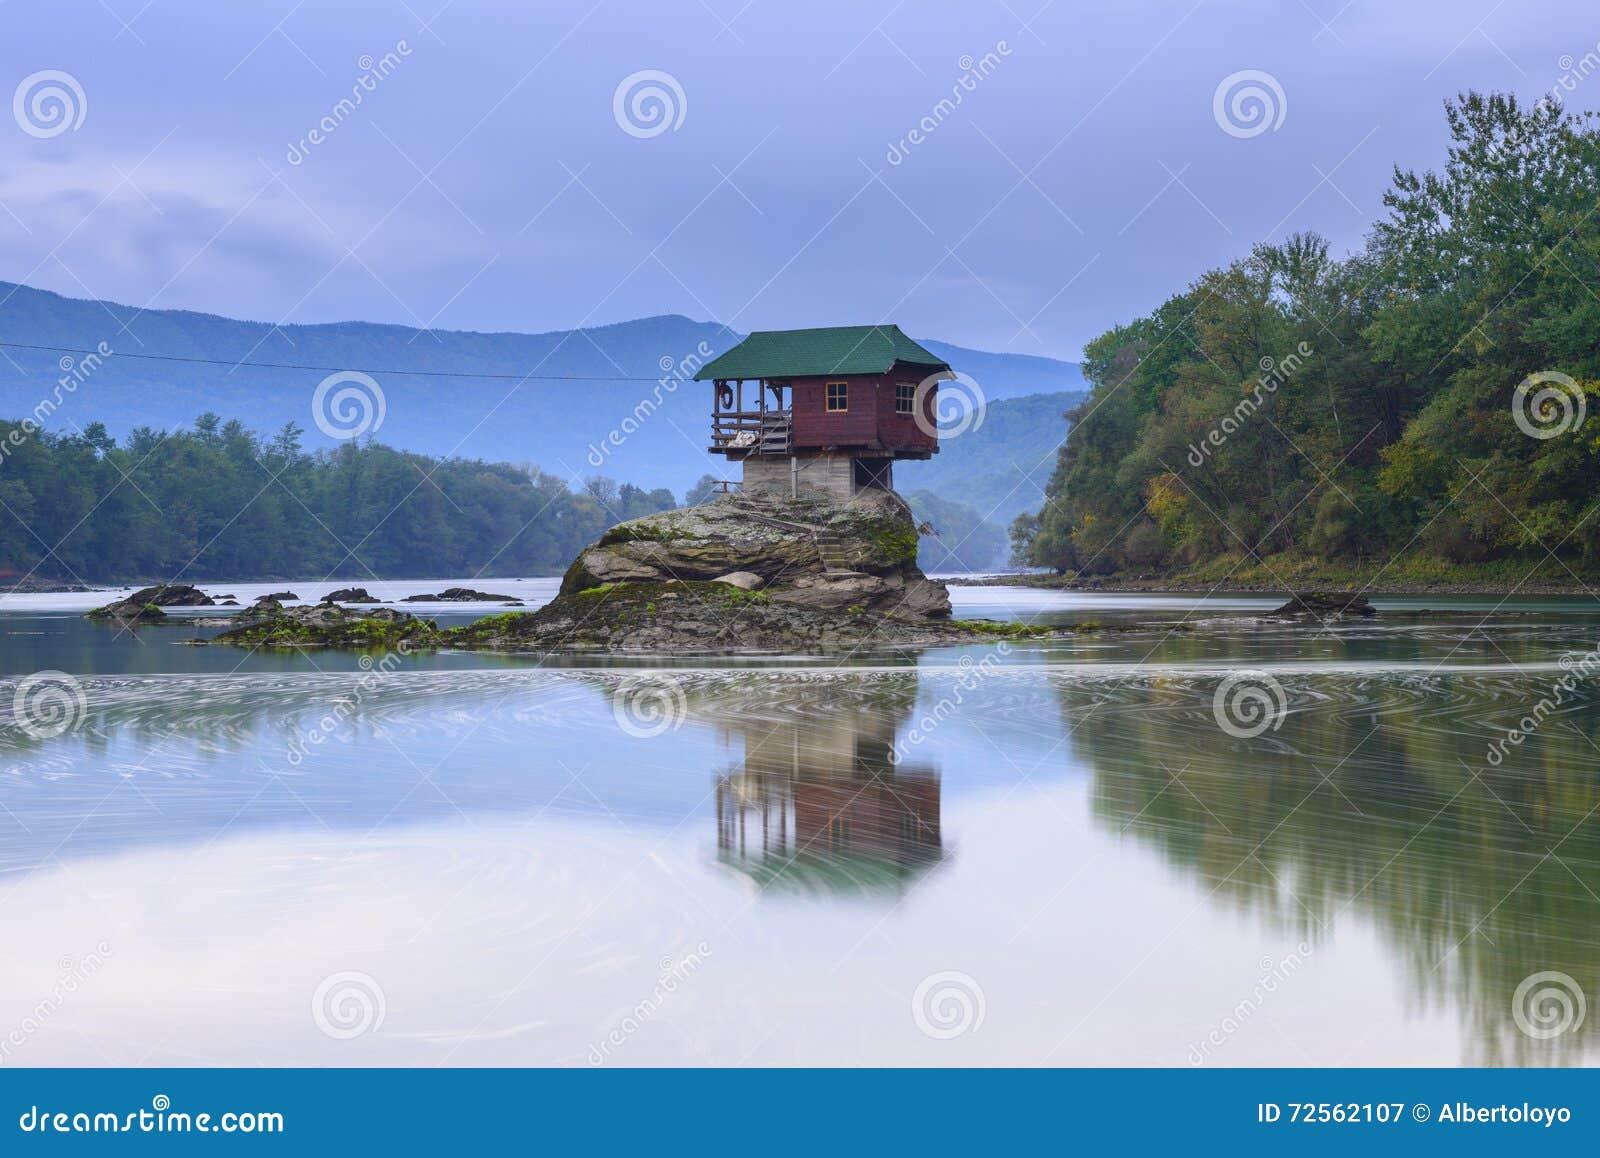 河的德里纳河偏僻的房子在巴伊纳巴什塔,塞尔维亚